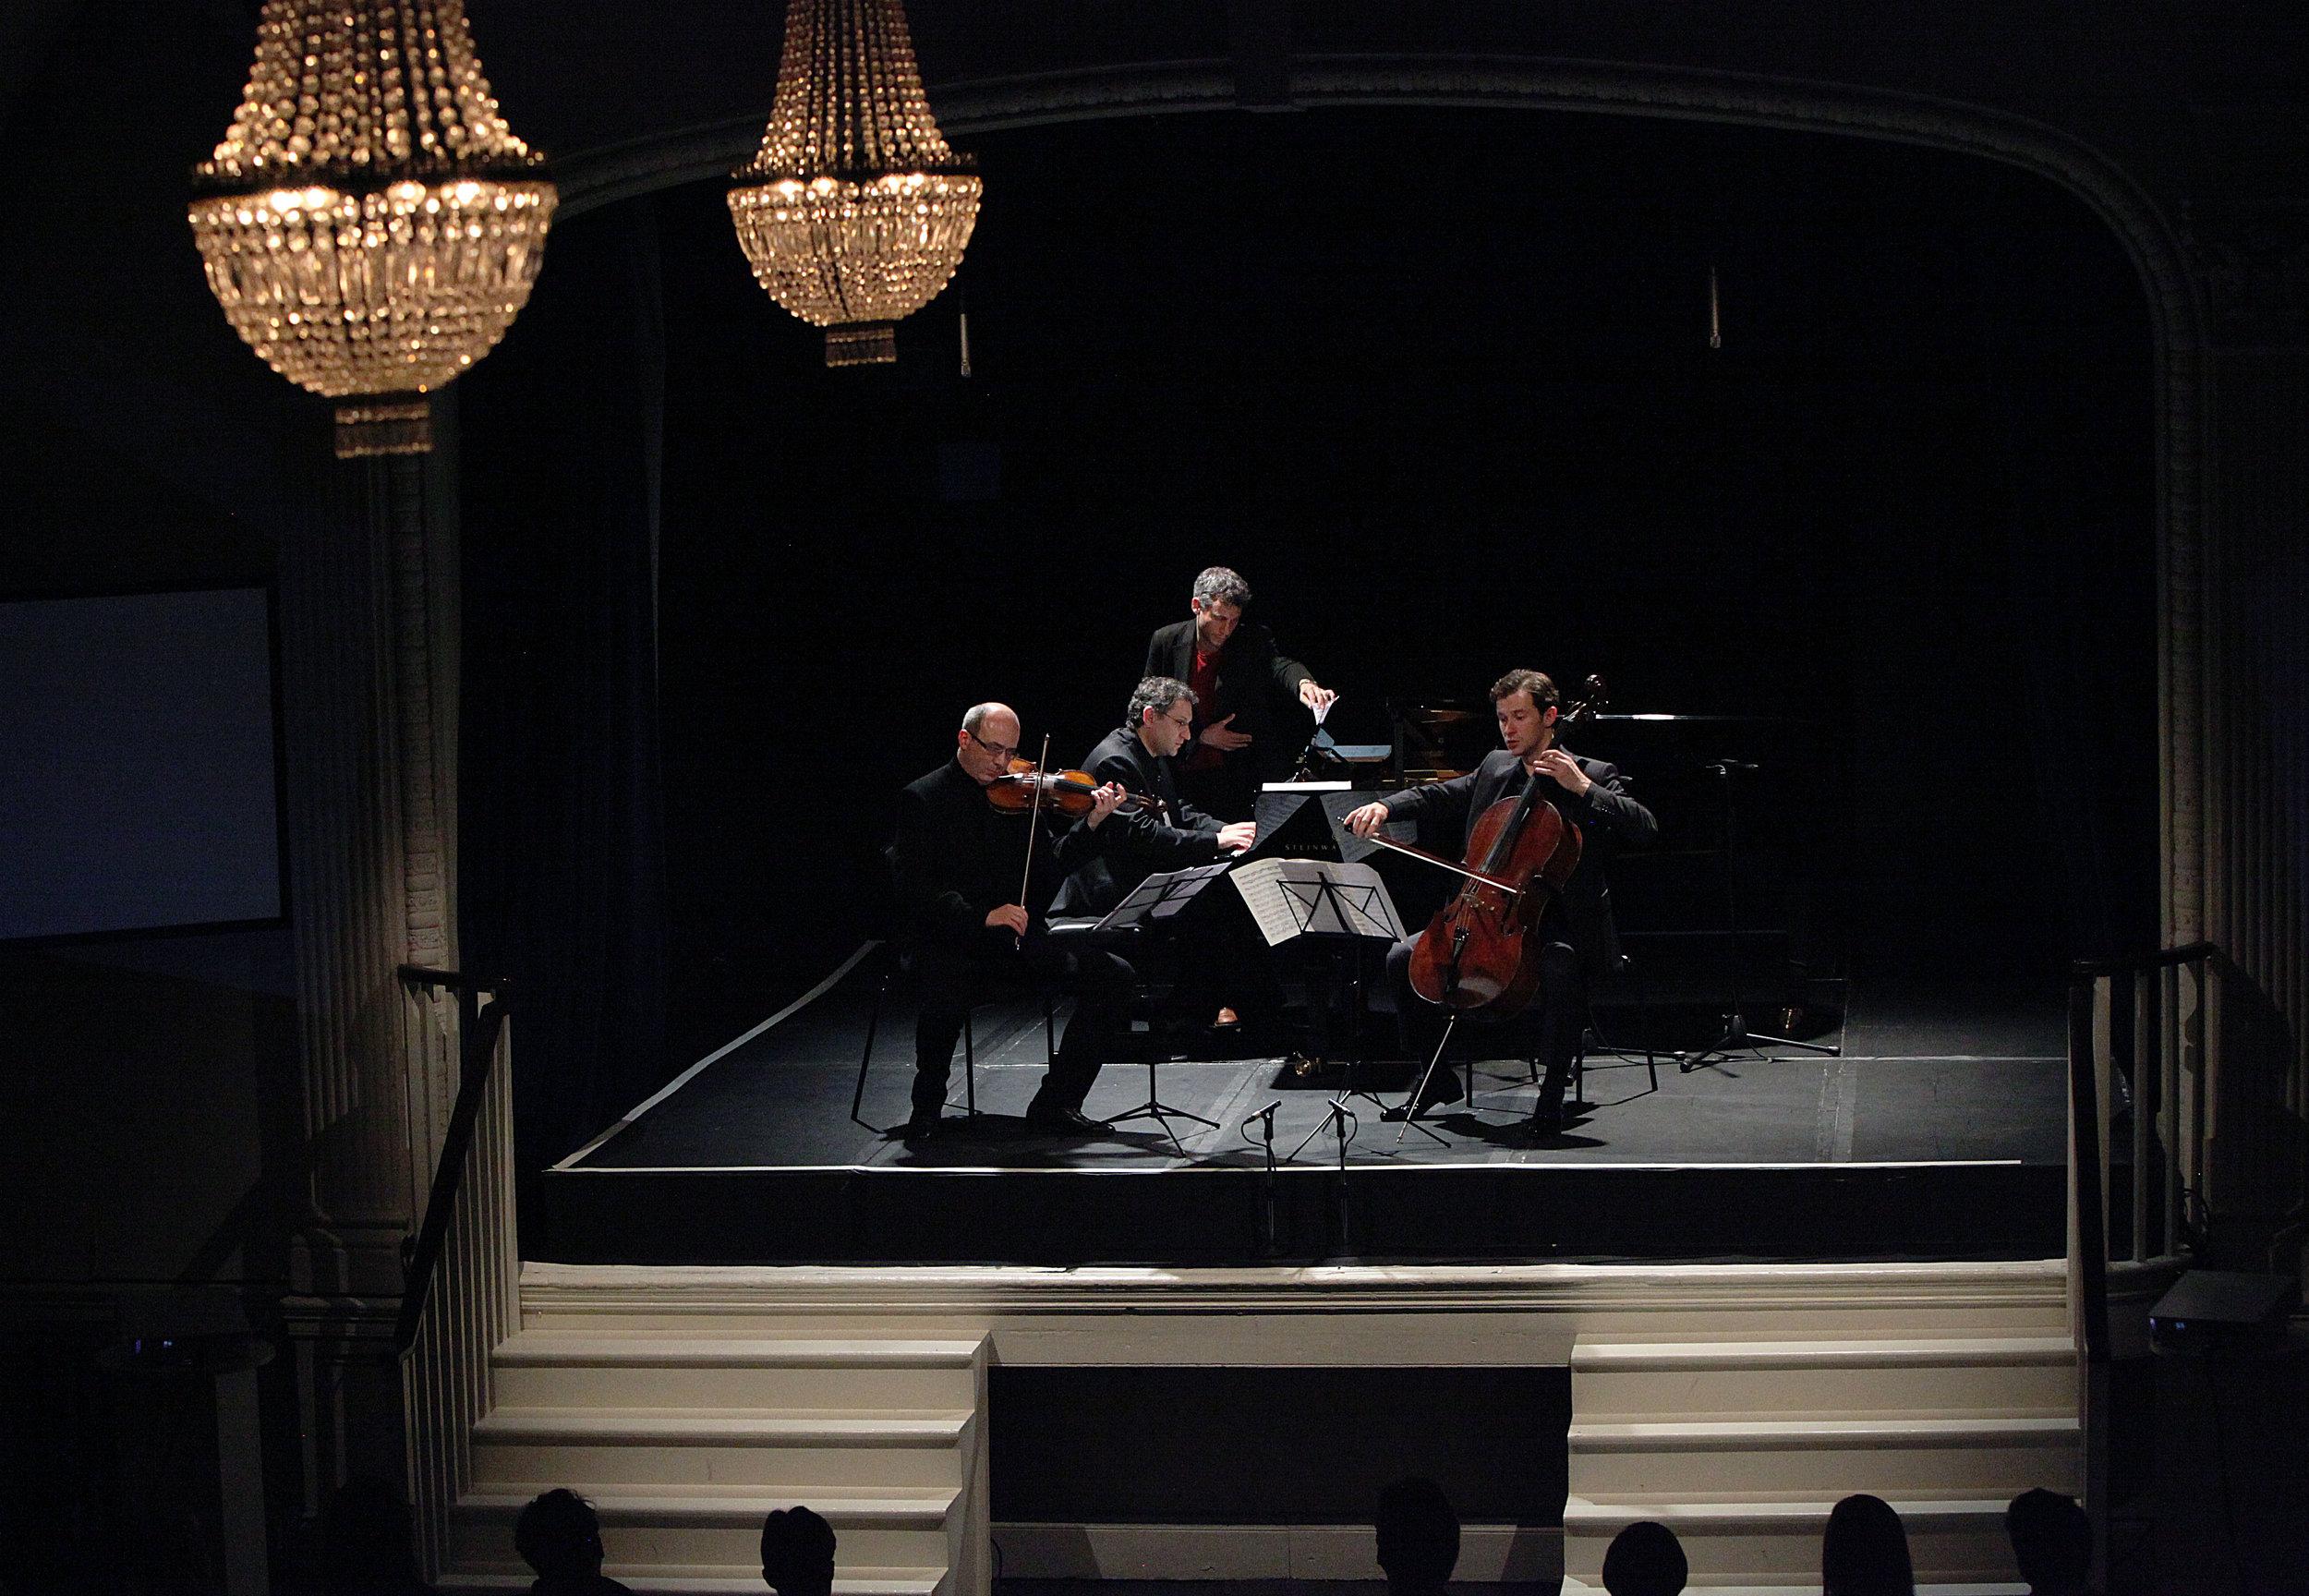 BARON VAN SWIETEN: PATRON AND MUSE OF THE CLASSICS - jUNE 3, 2014. 20TH century theater,londonAlexey Lundin, violin Alexei Kiseliov, cello Vsevolod Dvorkin, pianoIllustrated talk by Stephen JohnsonJ.S. Bach - Cello Suite in G major, BWV 1007 (Prelude)Handel - Violin Sonata in D major, HWV 371C.P.E. Bach - Sonata No. 3 from Sonaten, Wq 57Mozart - Violin Sonata No. 35 in A major, K526Haydn - Trio No. 44 in E major, Hob. XV:28